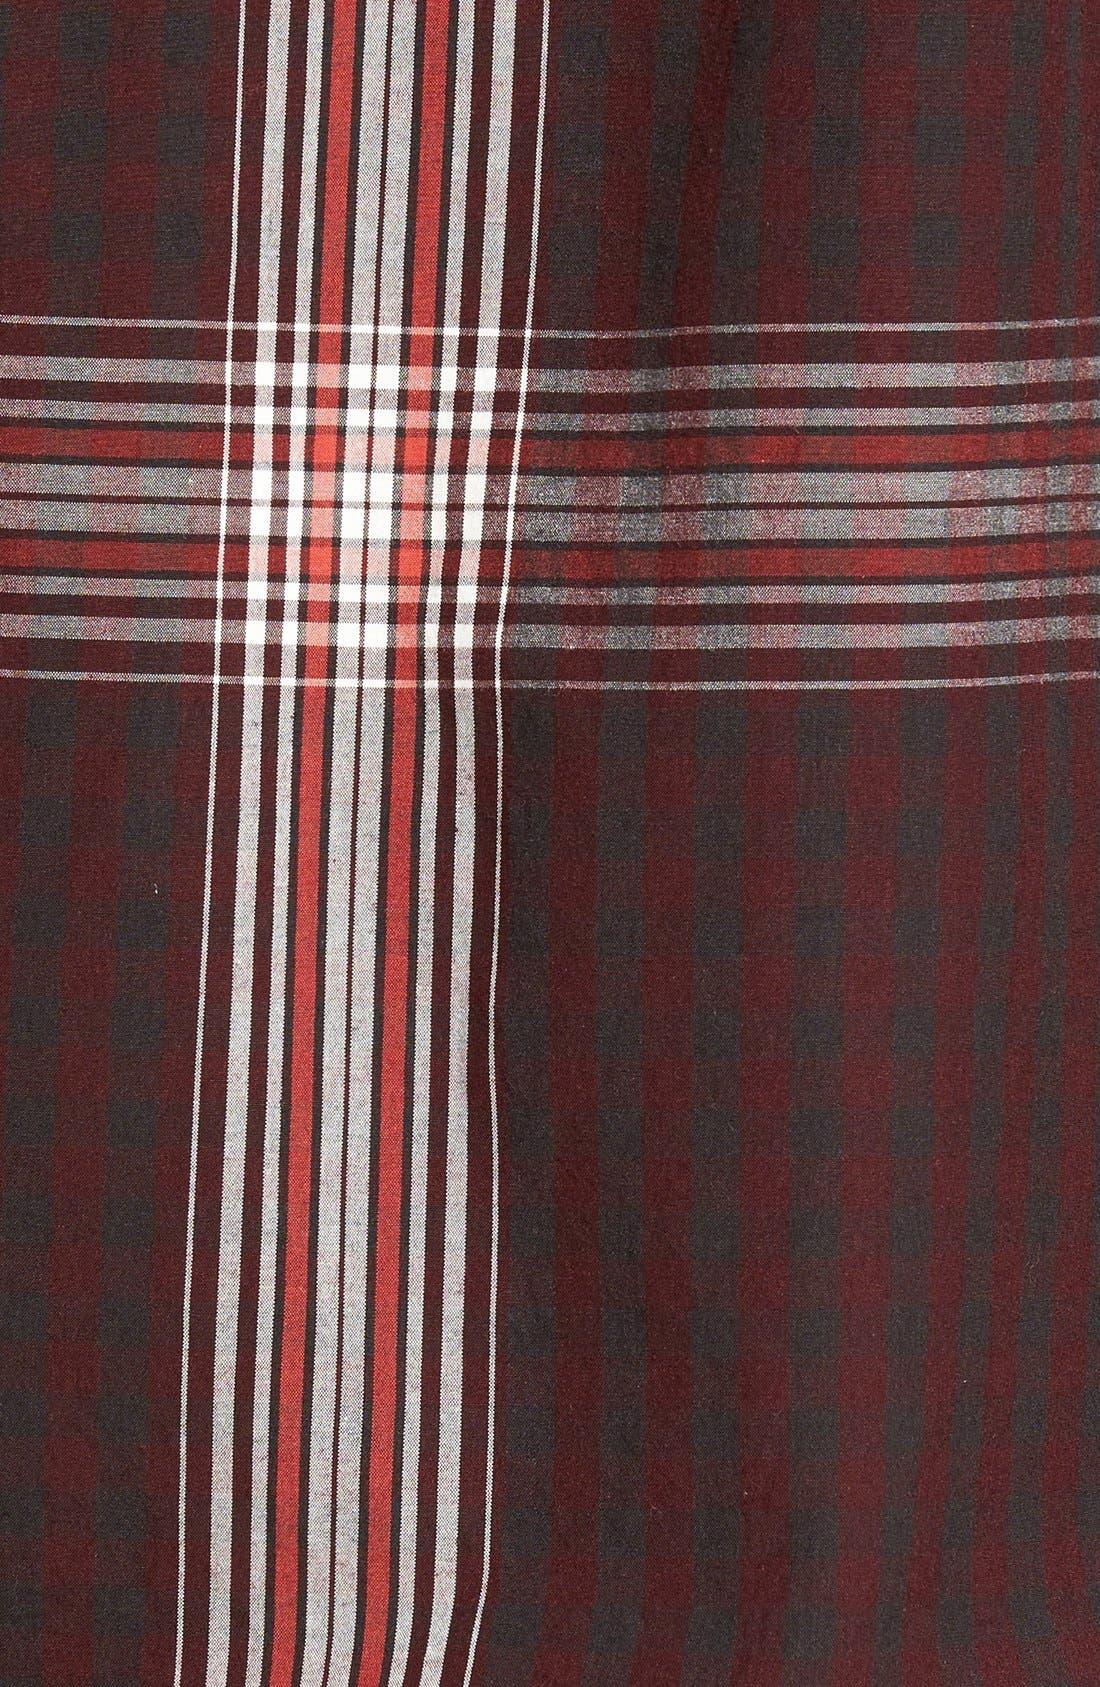 'Brit' Trim Fit Long Sleeve Sport Shirt,                             Alternate thumbnail 3, color,                             543